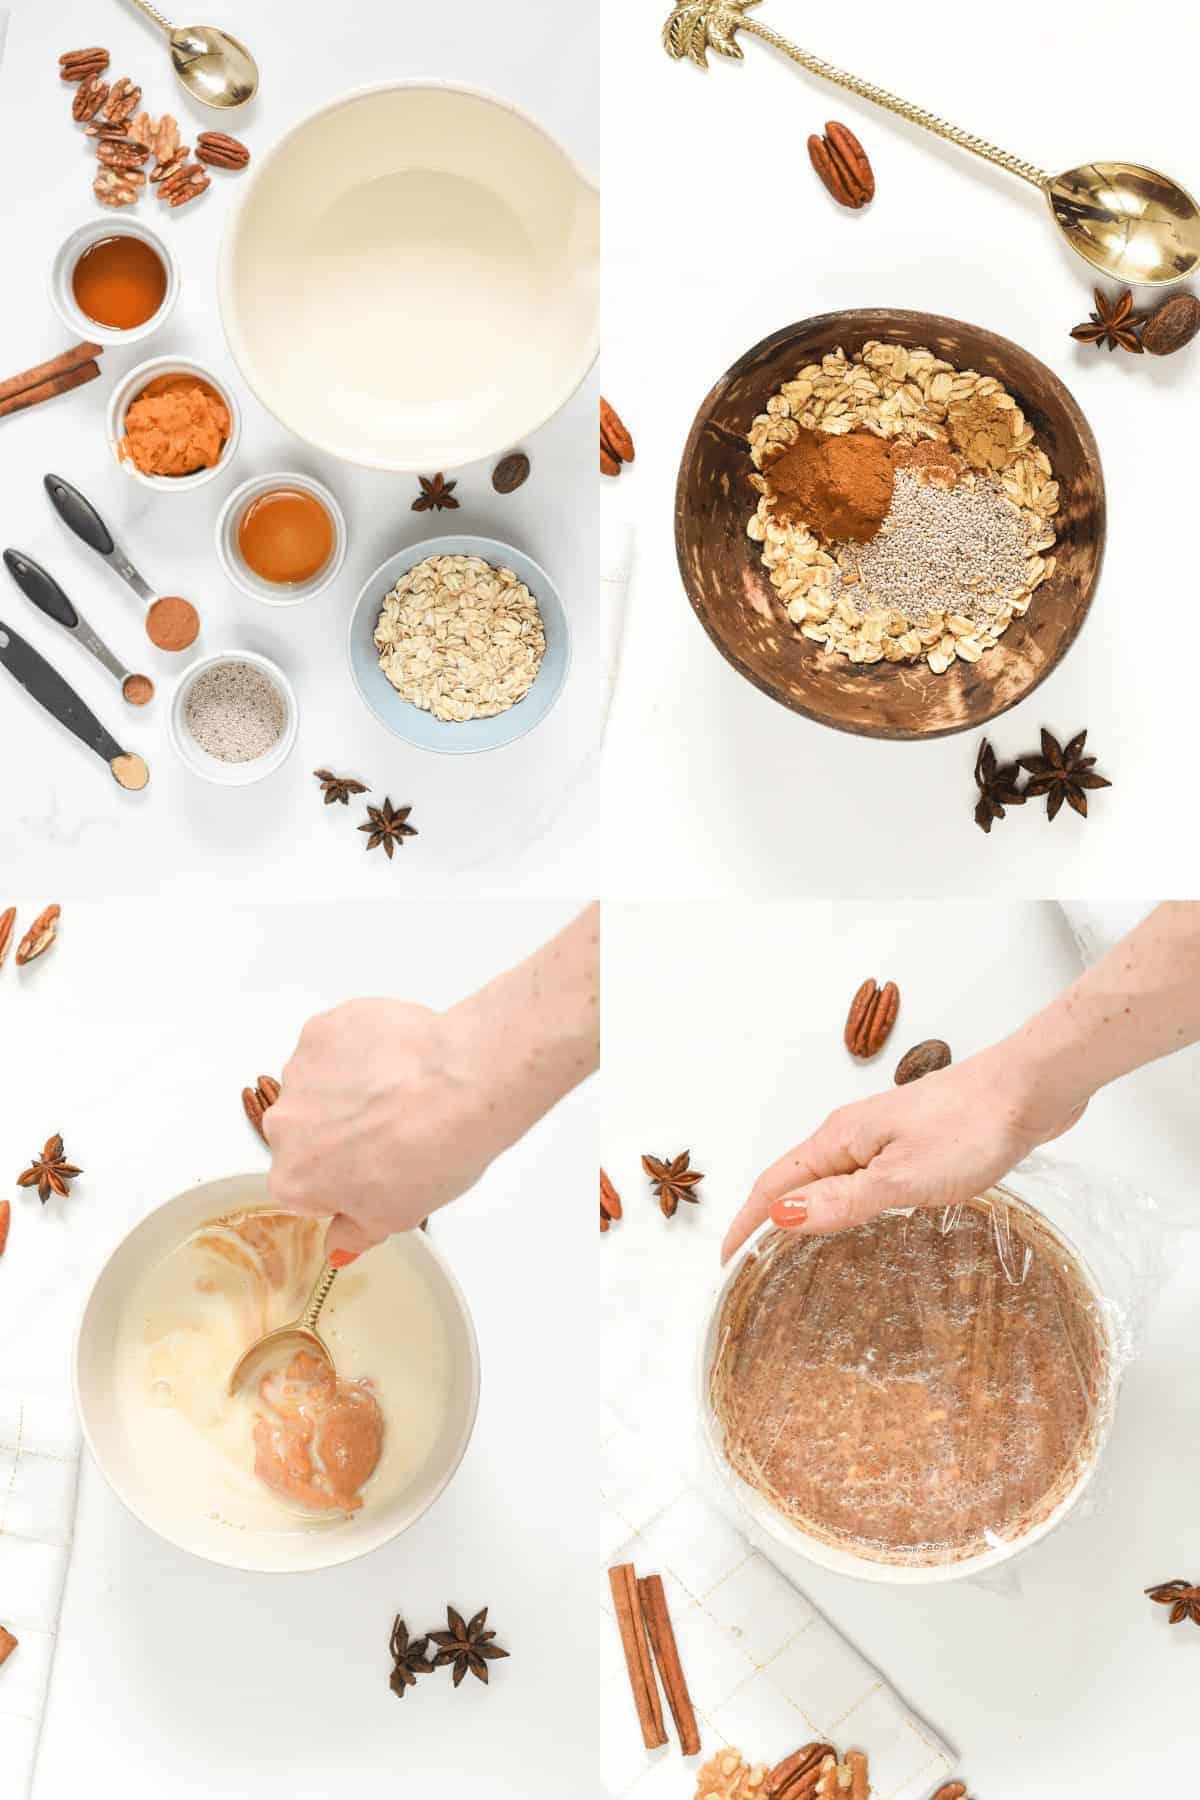 How to make Pumpkin Overnight Oats